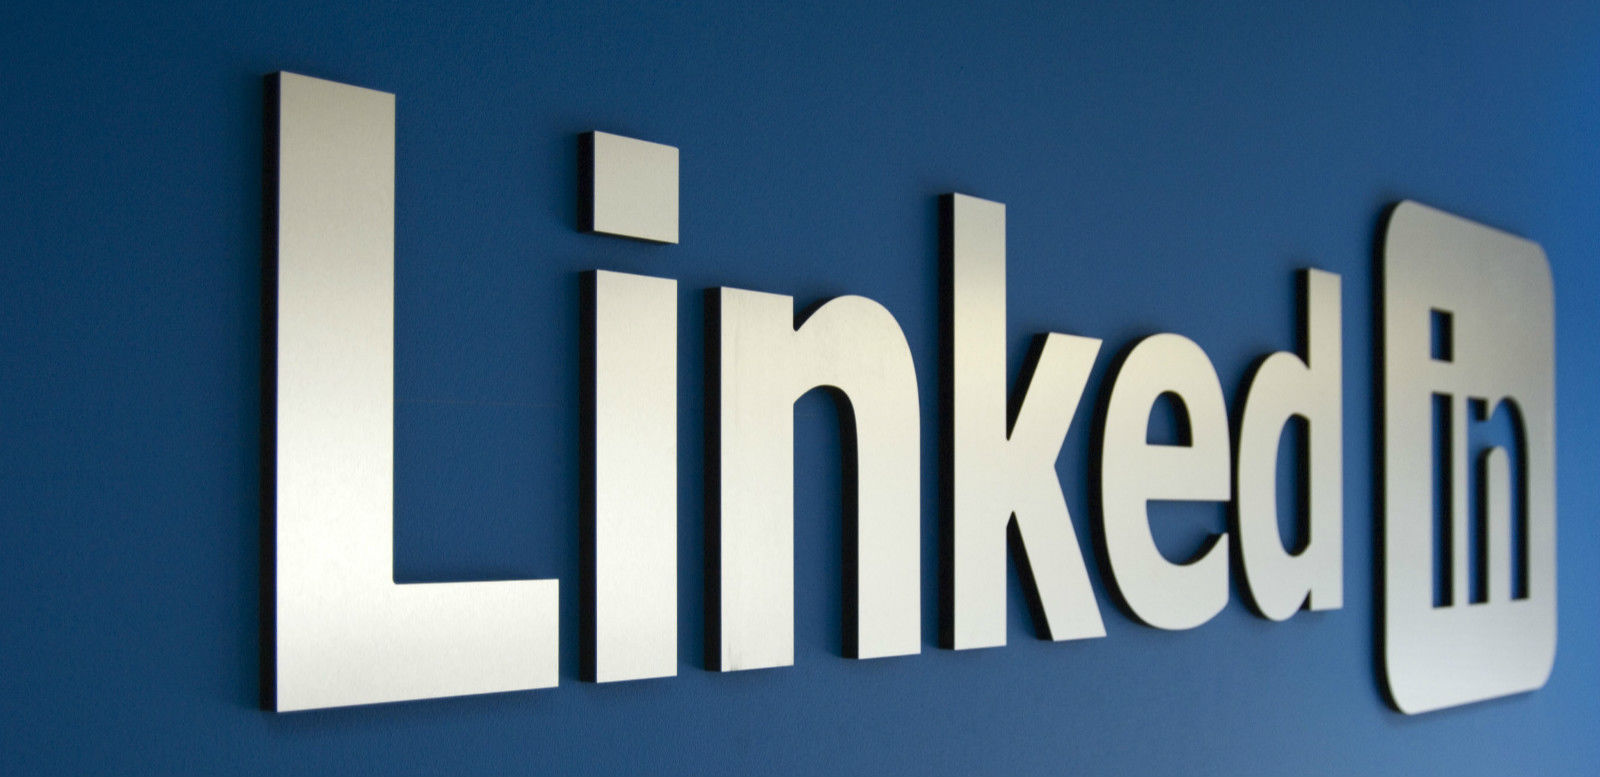 LinkedIn 15 亿美元收购在线教育公司 lynda | 极客早知道 2015 年 4 月 10 日